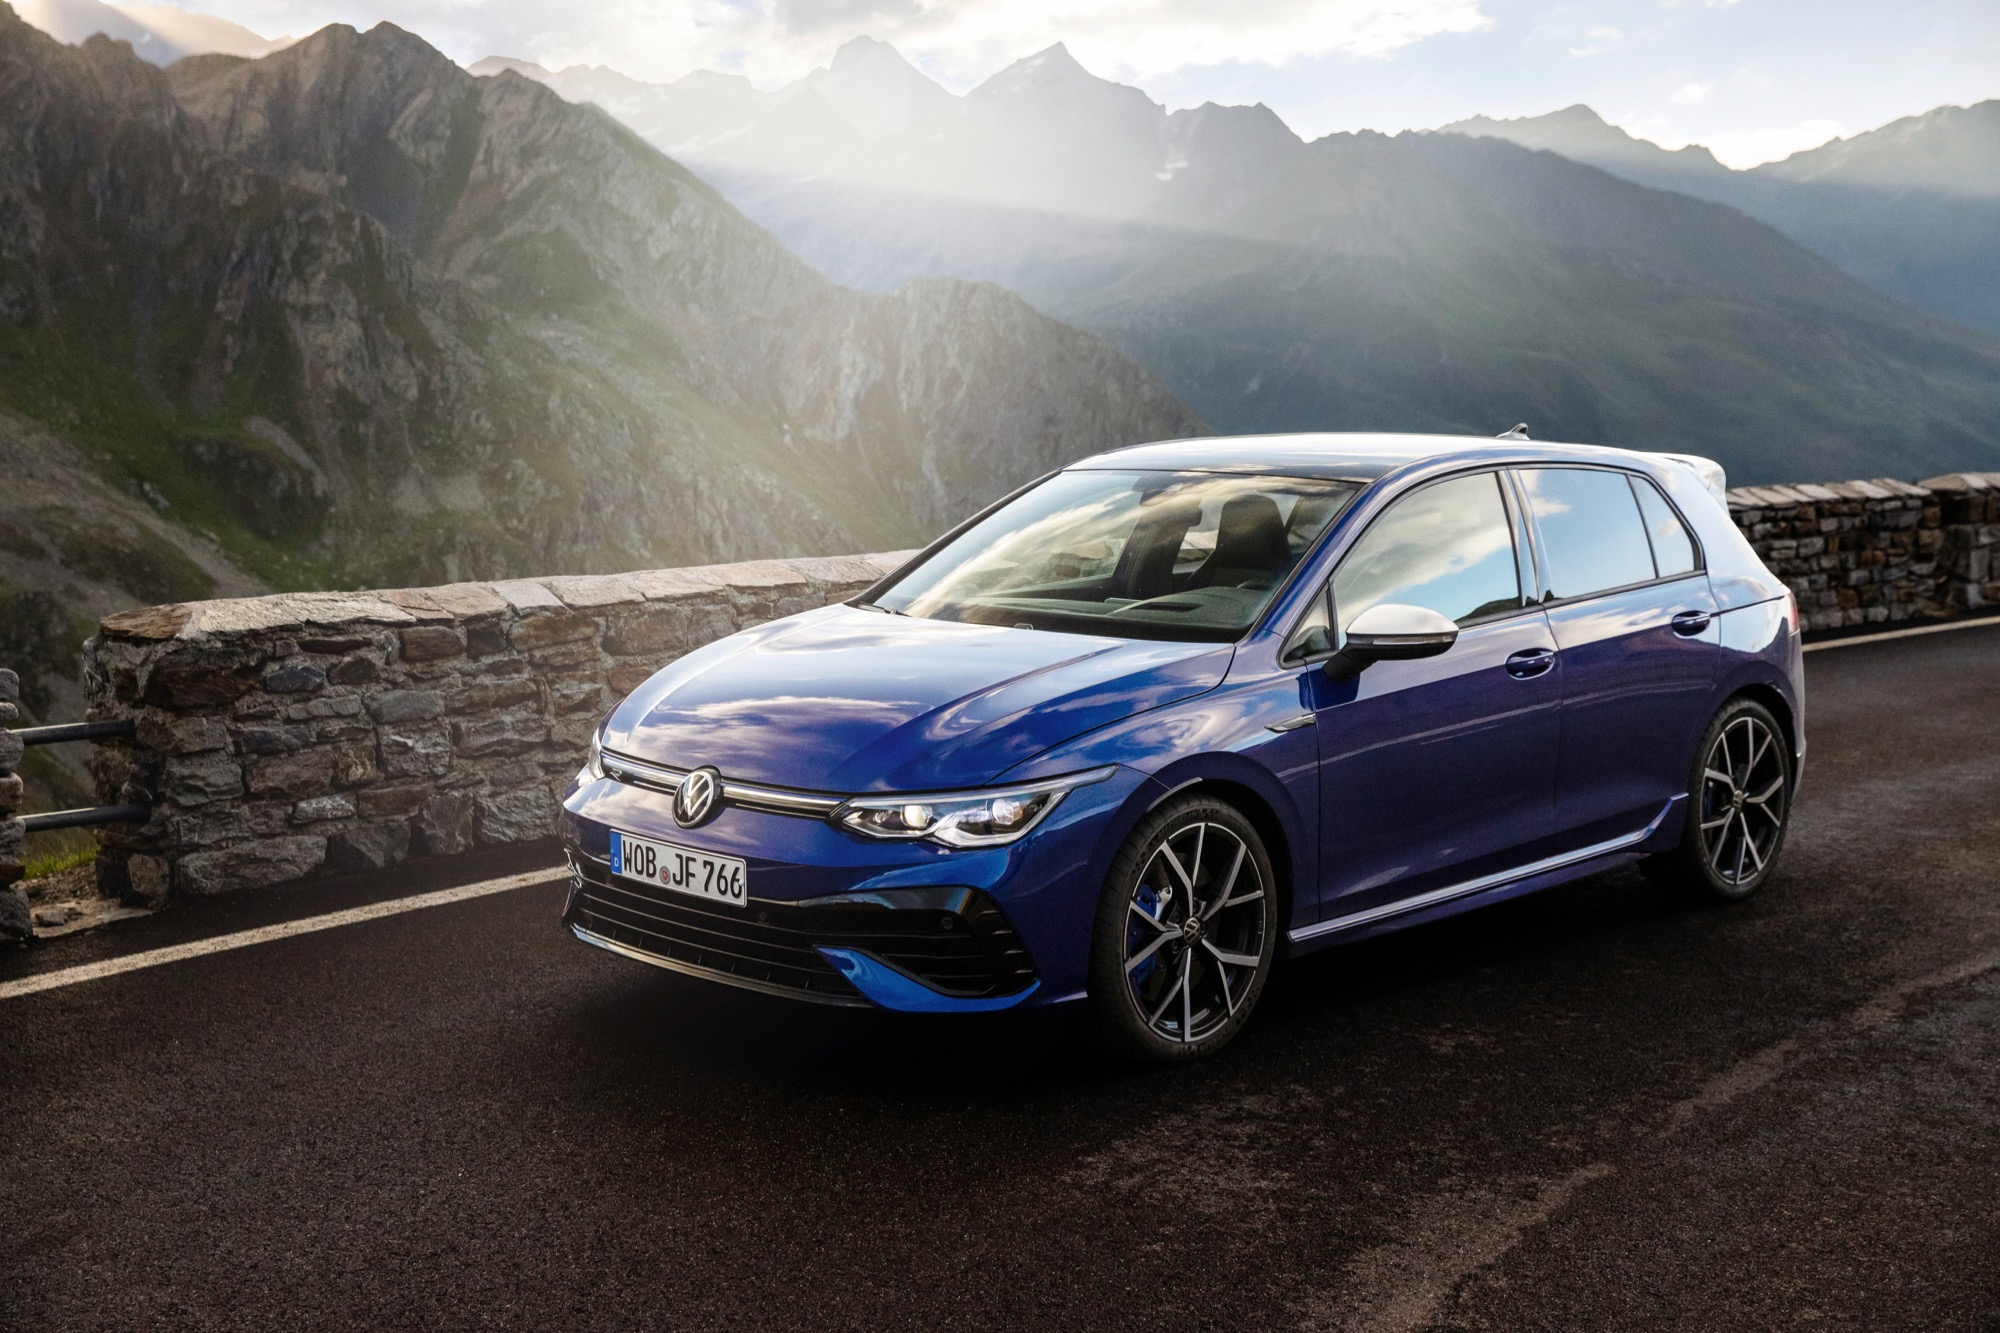 VW-Golf-R-mit-Fahrspassgarantie-